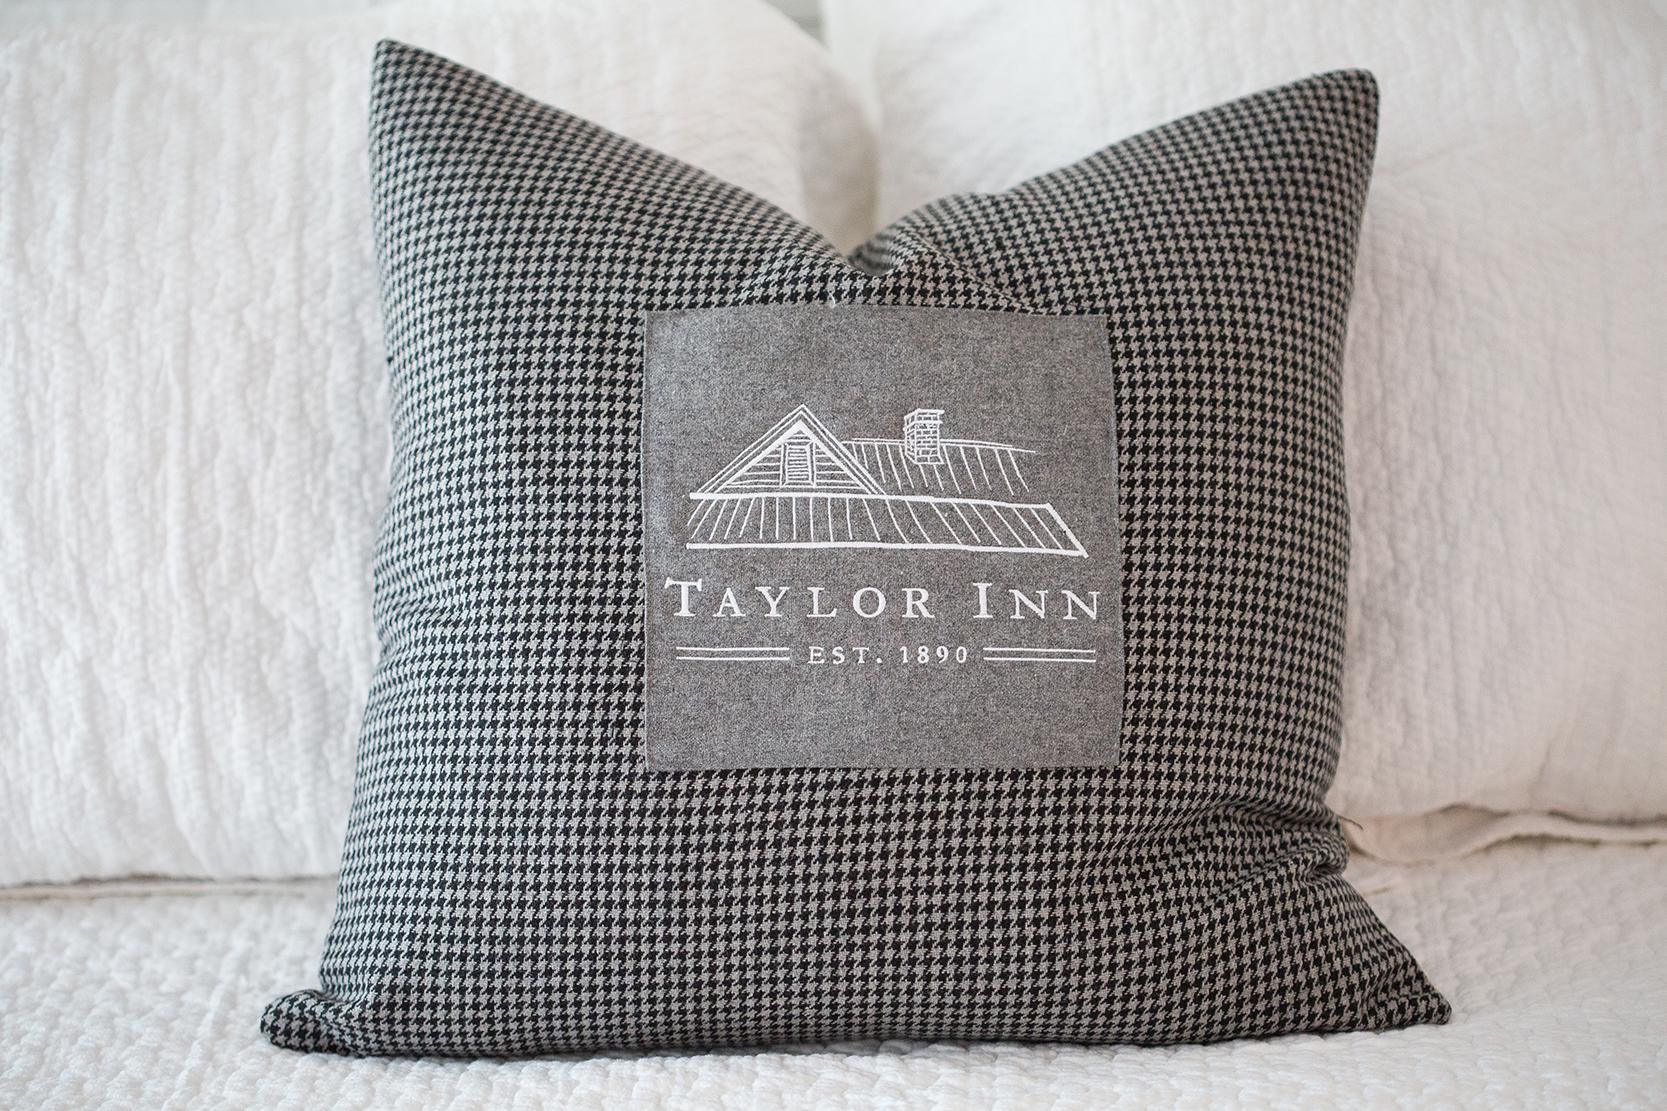 Taylor Inn